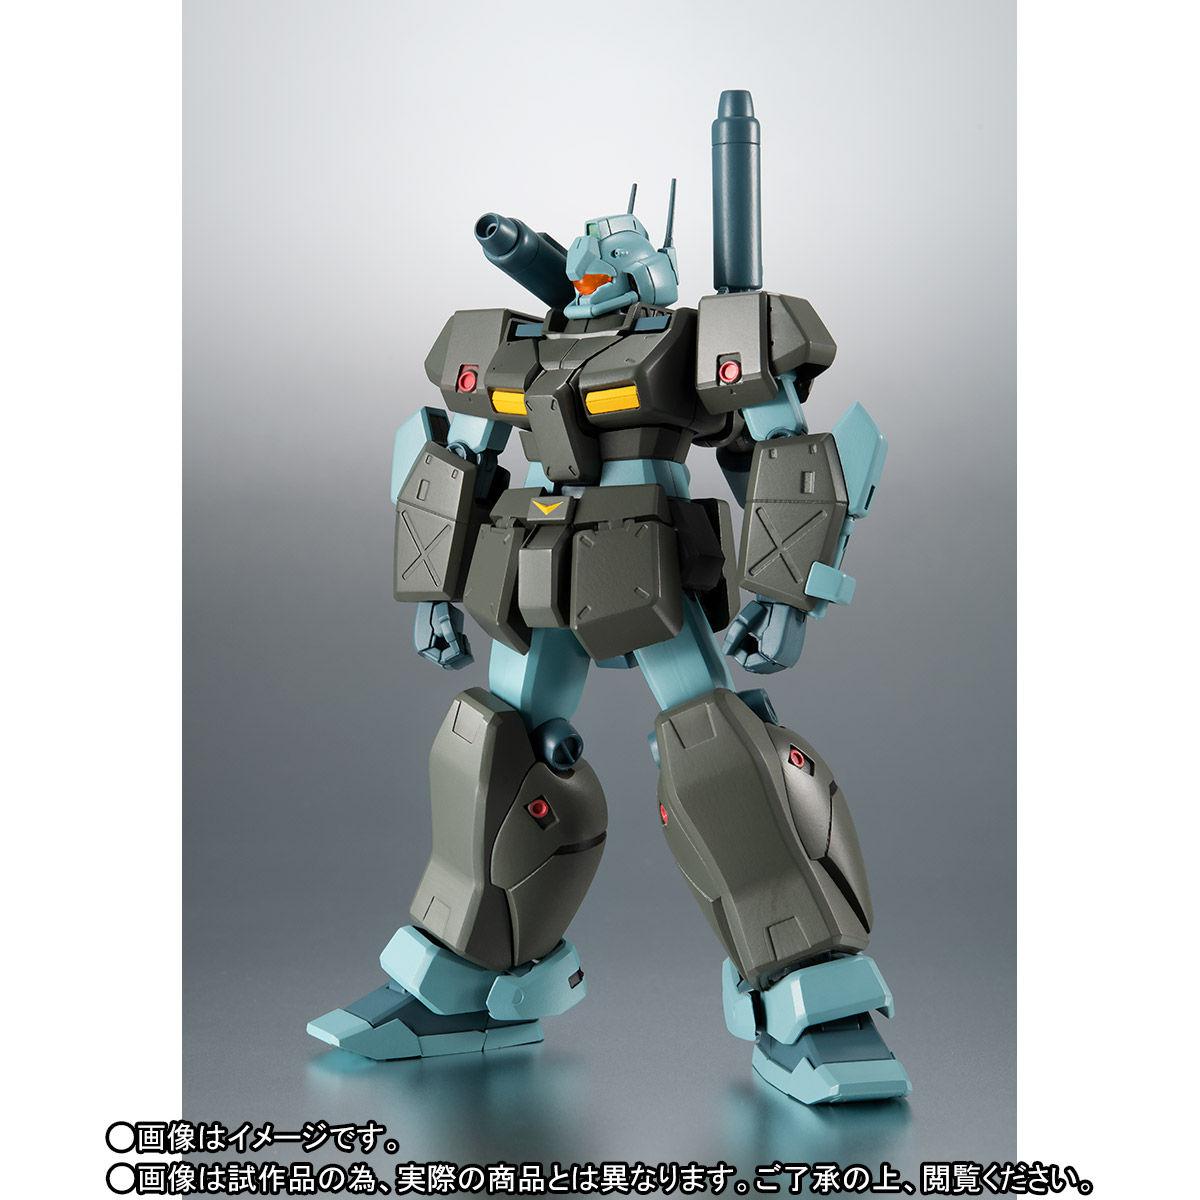 【限定販売】ROBOT魂〈SIDE MS〉『RGC-83 ジム・キャノンII ver. A.N.I.M.E.』ガンダム0083 可動フィギュア-002